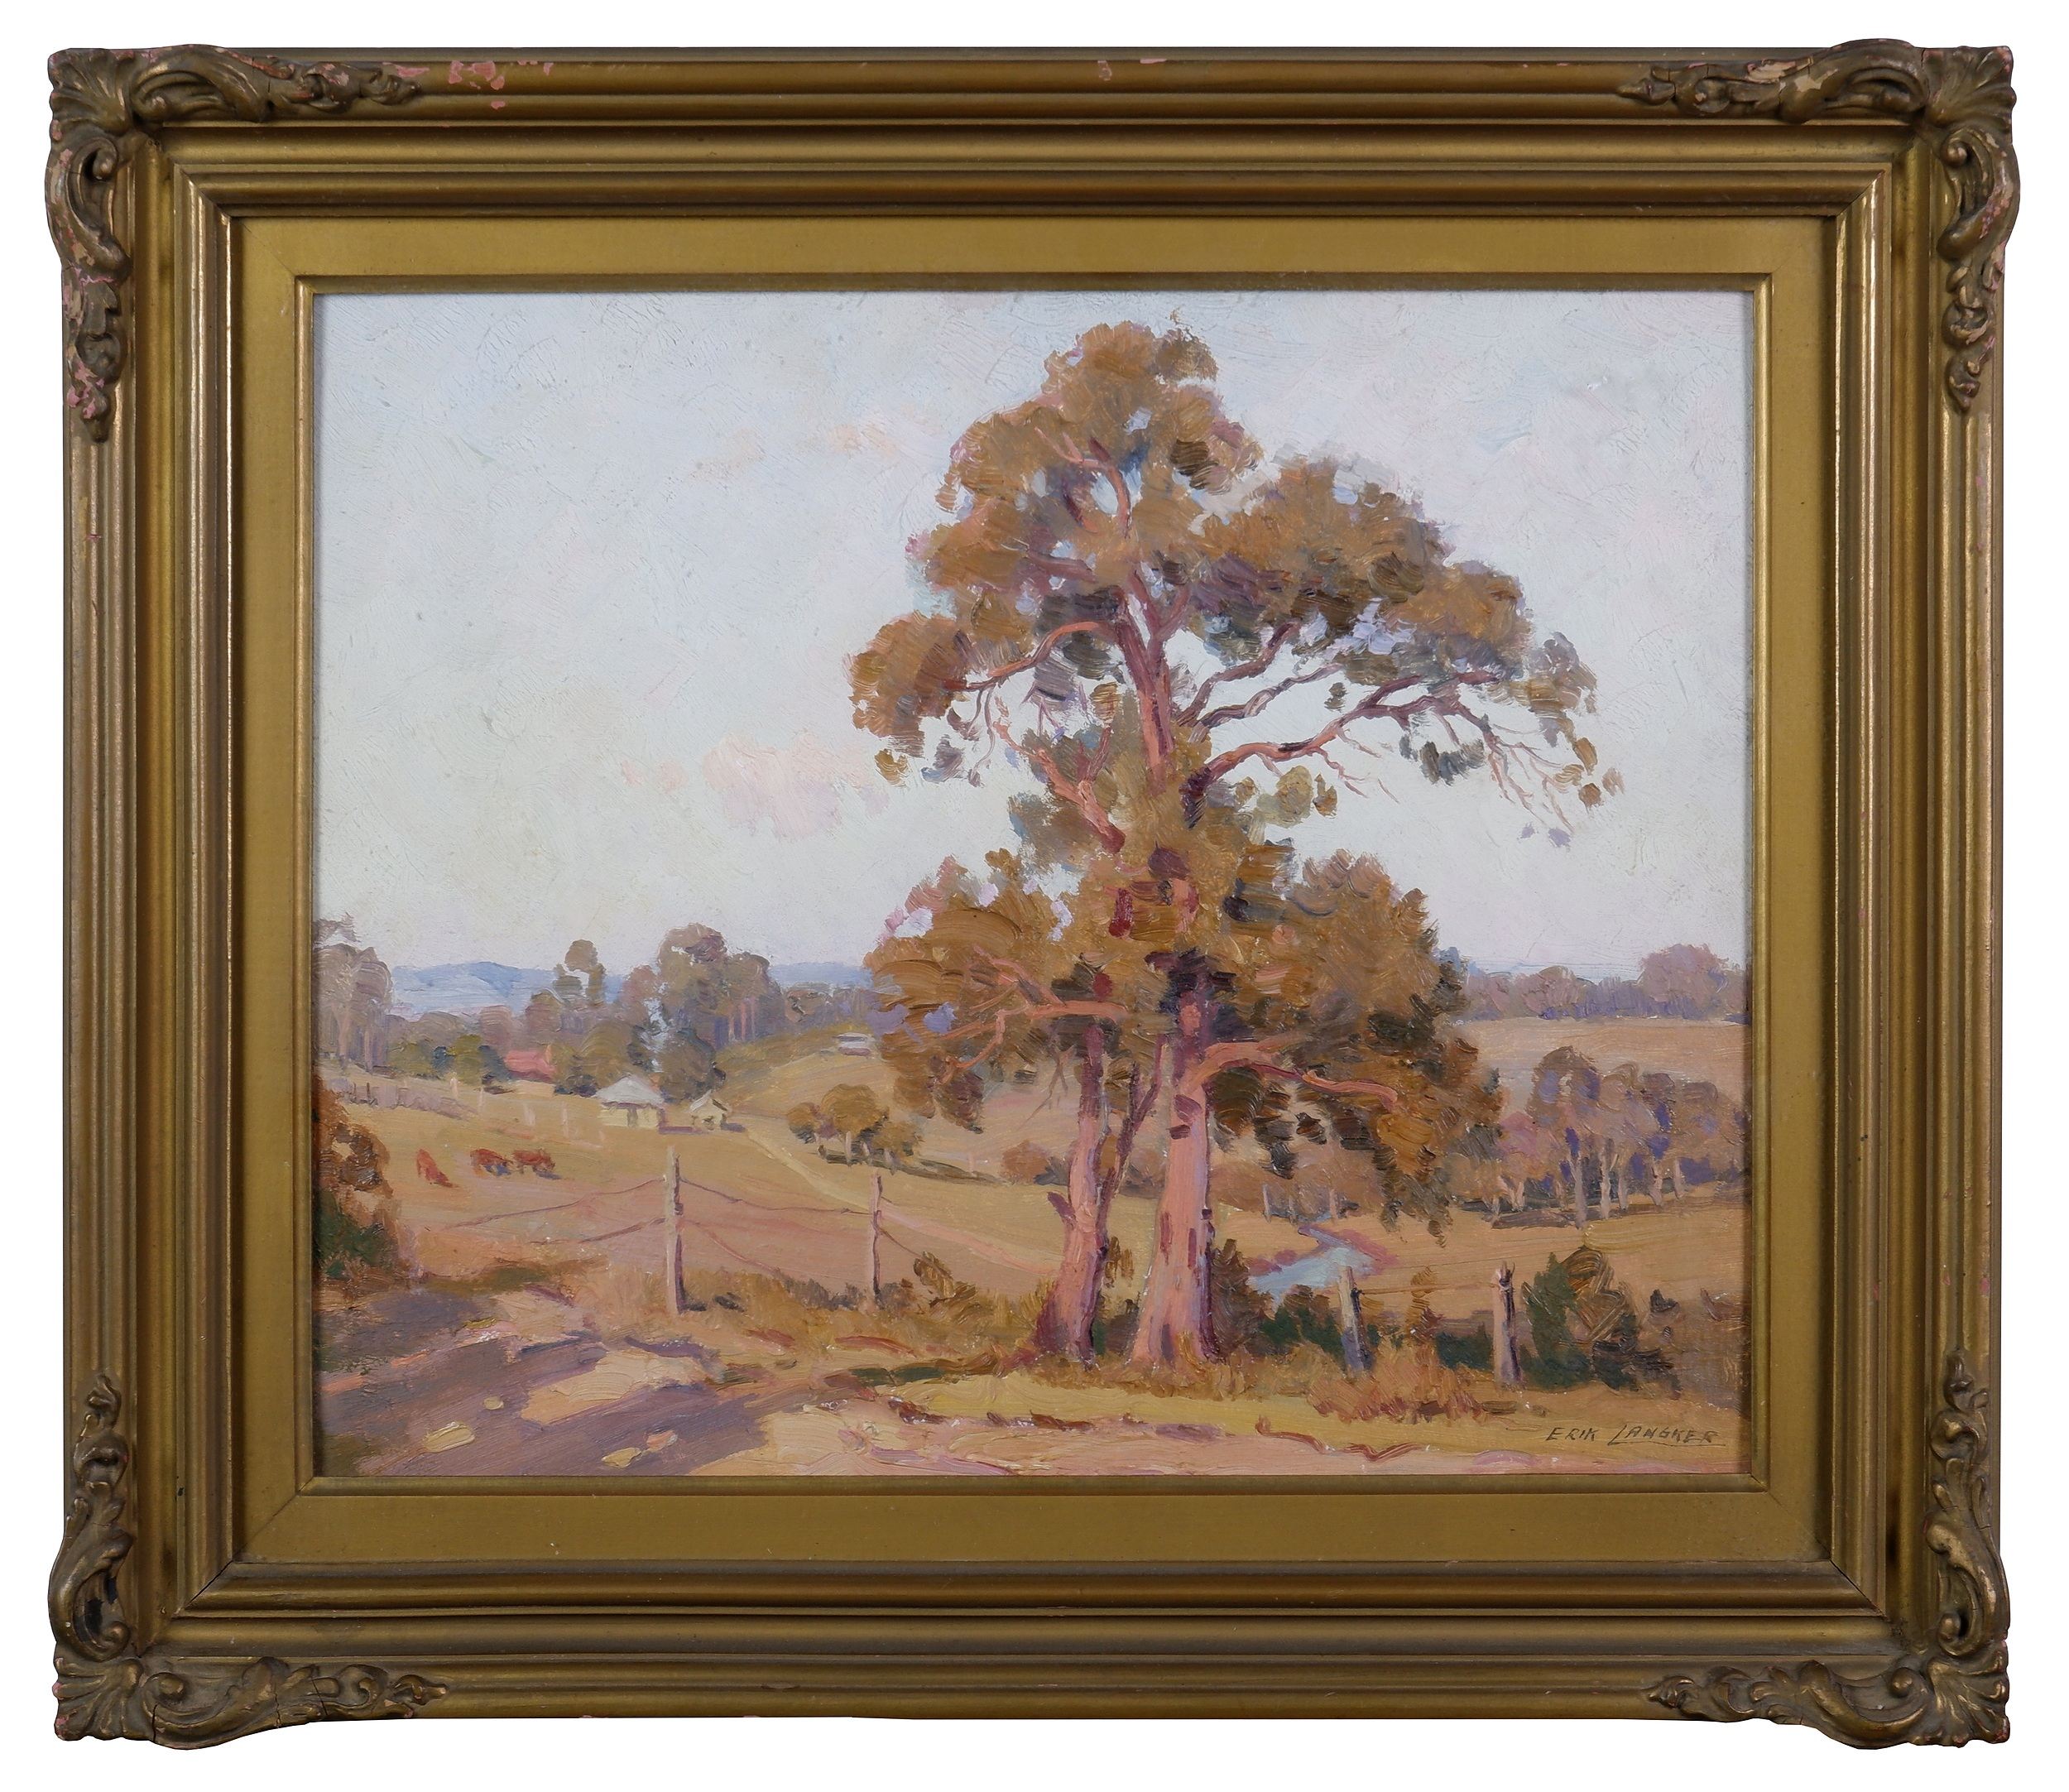 'Erik Langker (1898-1982), Untitled (Country Landscape), Oil on Board'